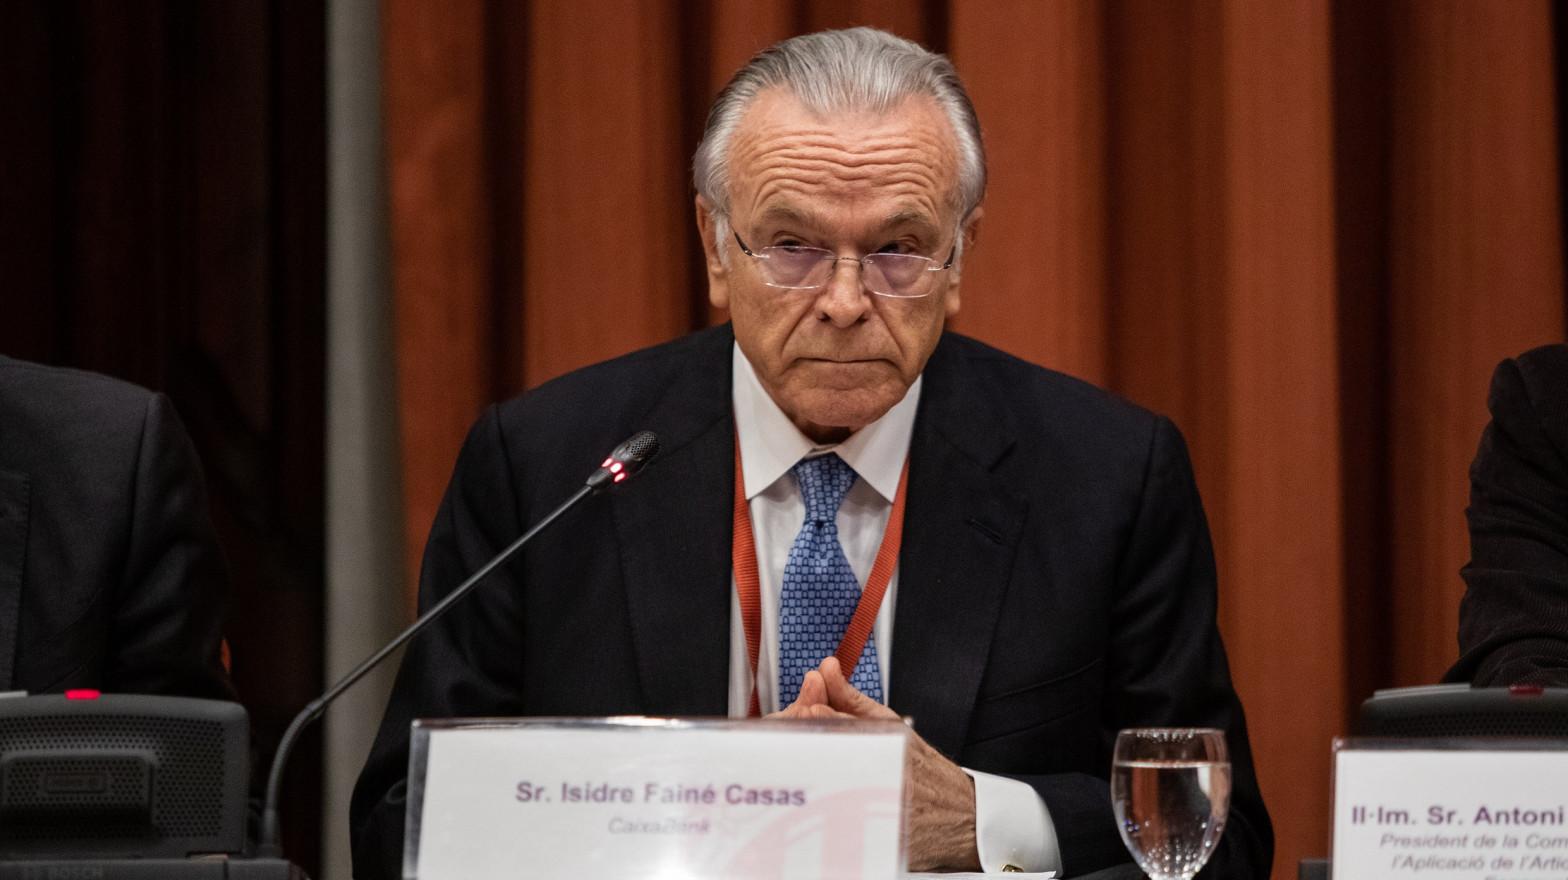 Criteria Caixa no aplicará su código ético a Fainé en el 'caso Villarejo'